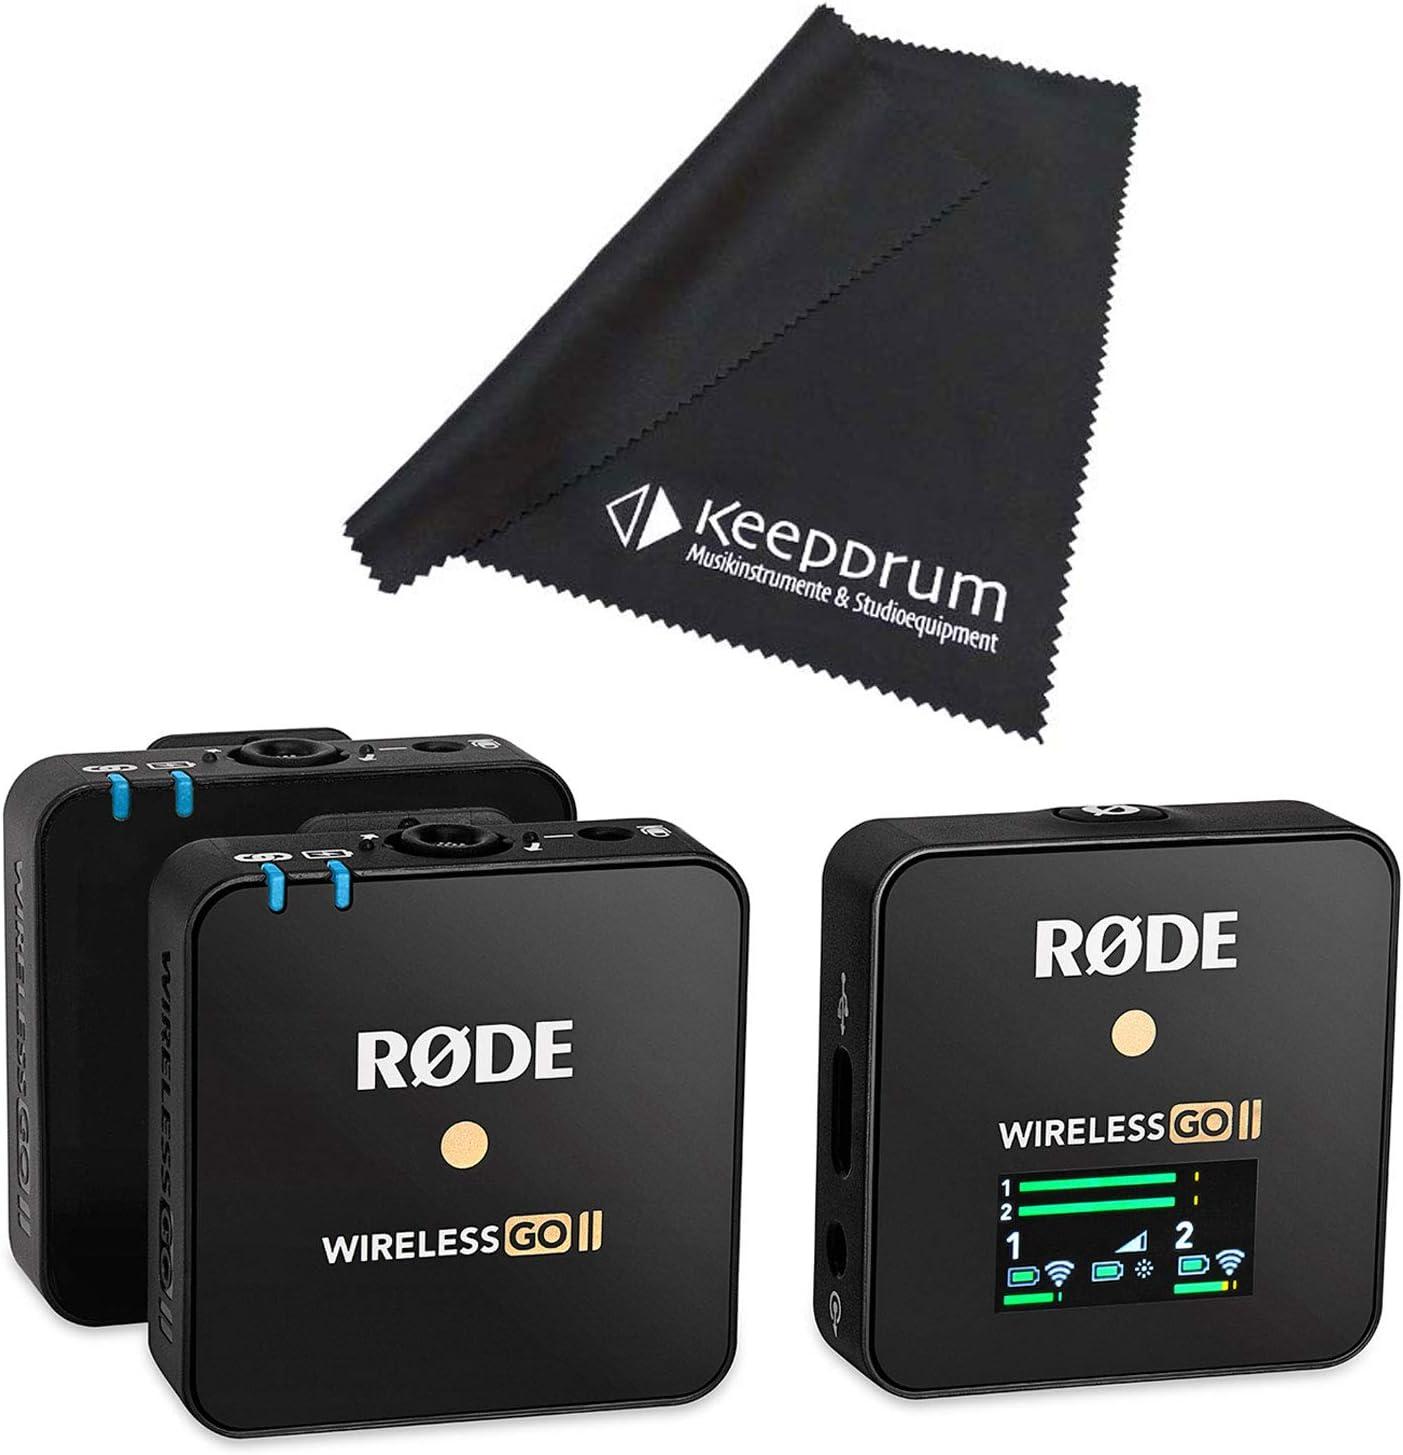 Rode Wireless GO II - Sistema de micrófono inalámbrico (2 canales, paño de limpieza keepdrum)